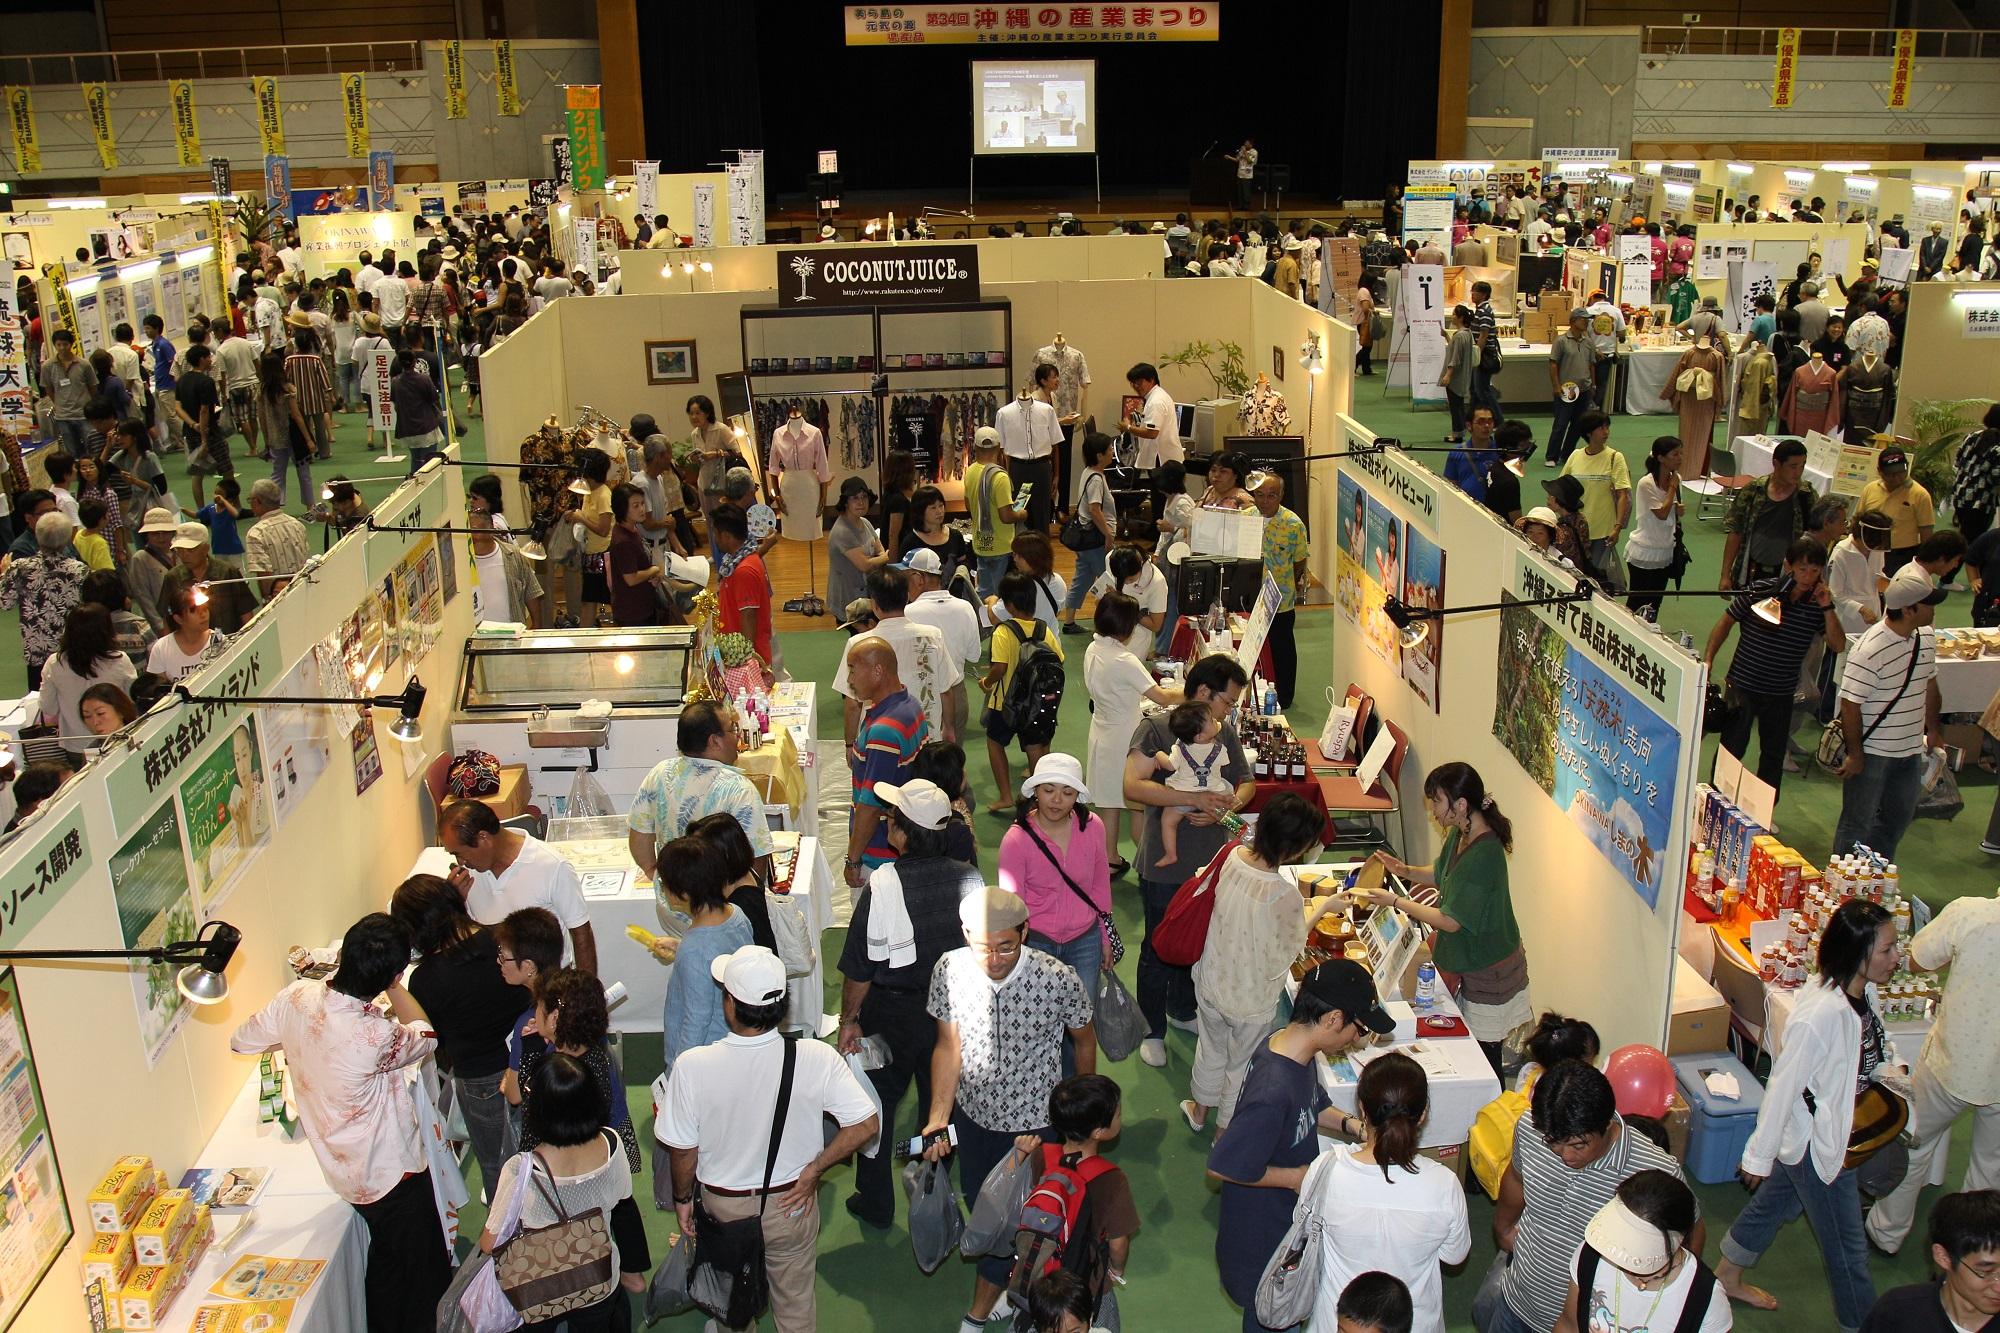 今年はオンライン開催!泡盛からやちむんまで♪沖縄の産業が一同に集まる「沖縄の産業まつり」10月24日(土)、25日(日)